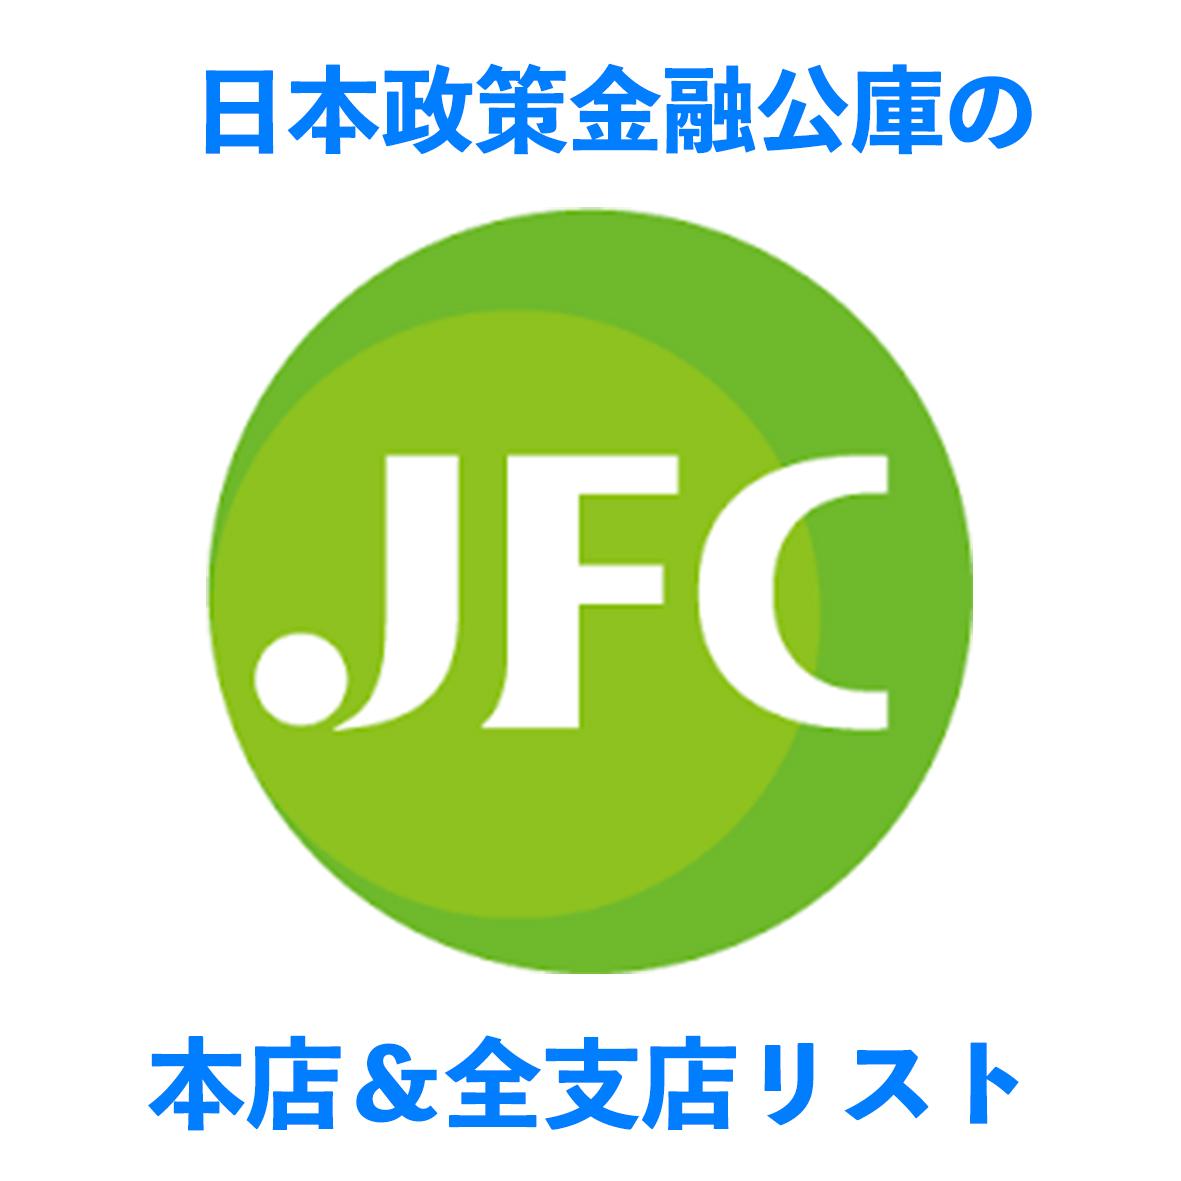 日本政策金融公庫の全支店リスト